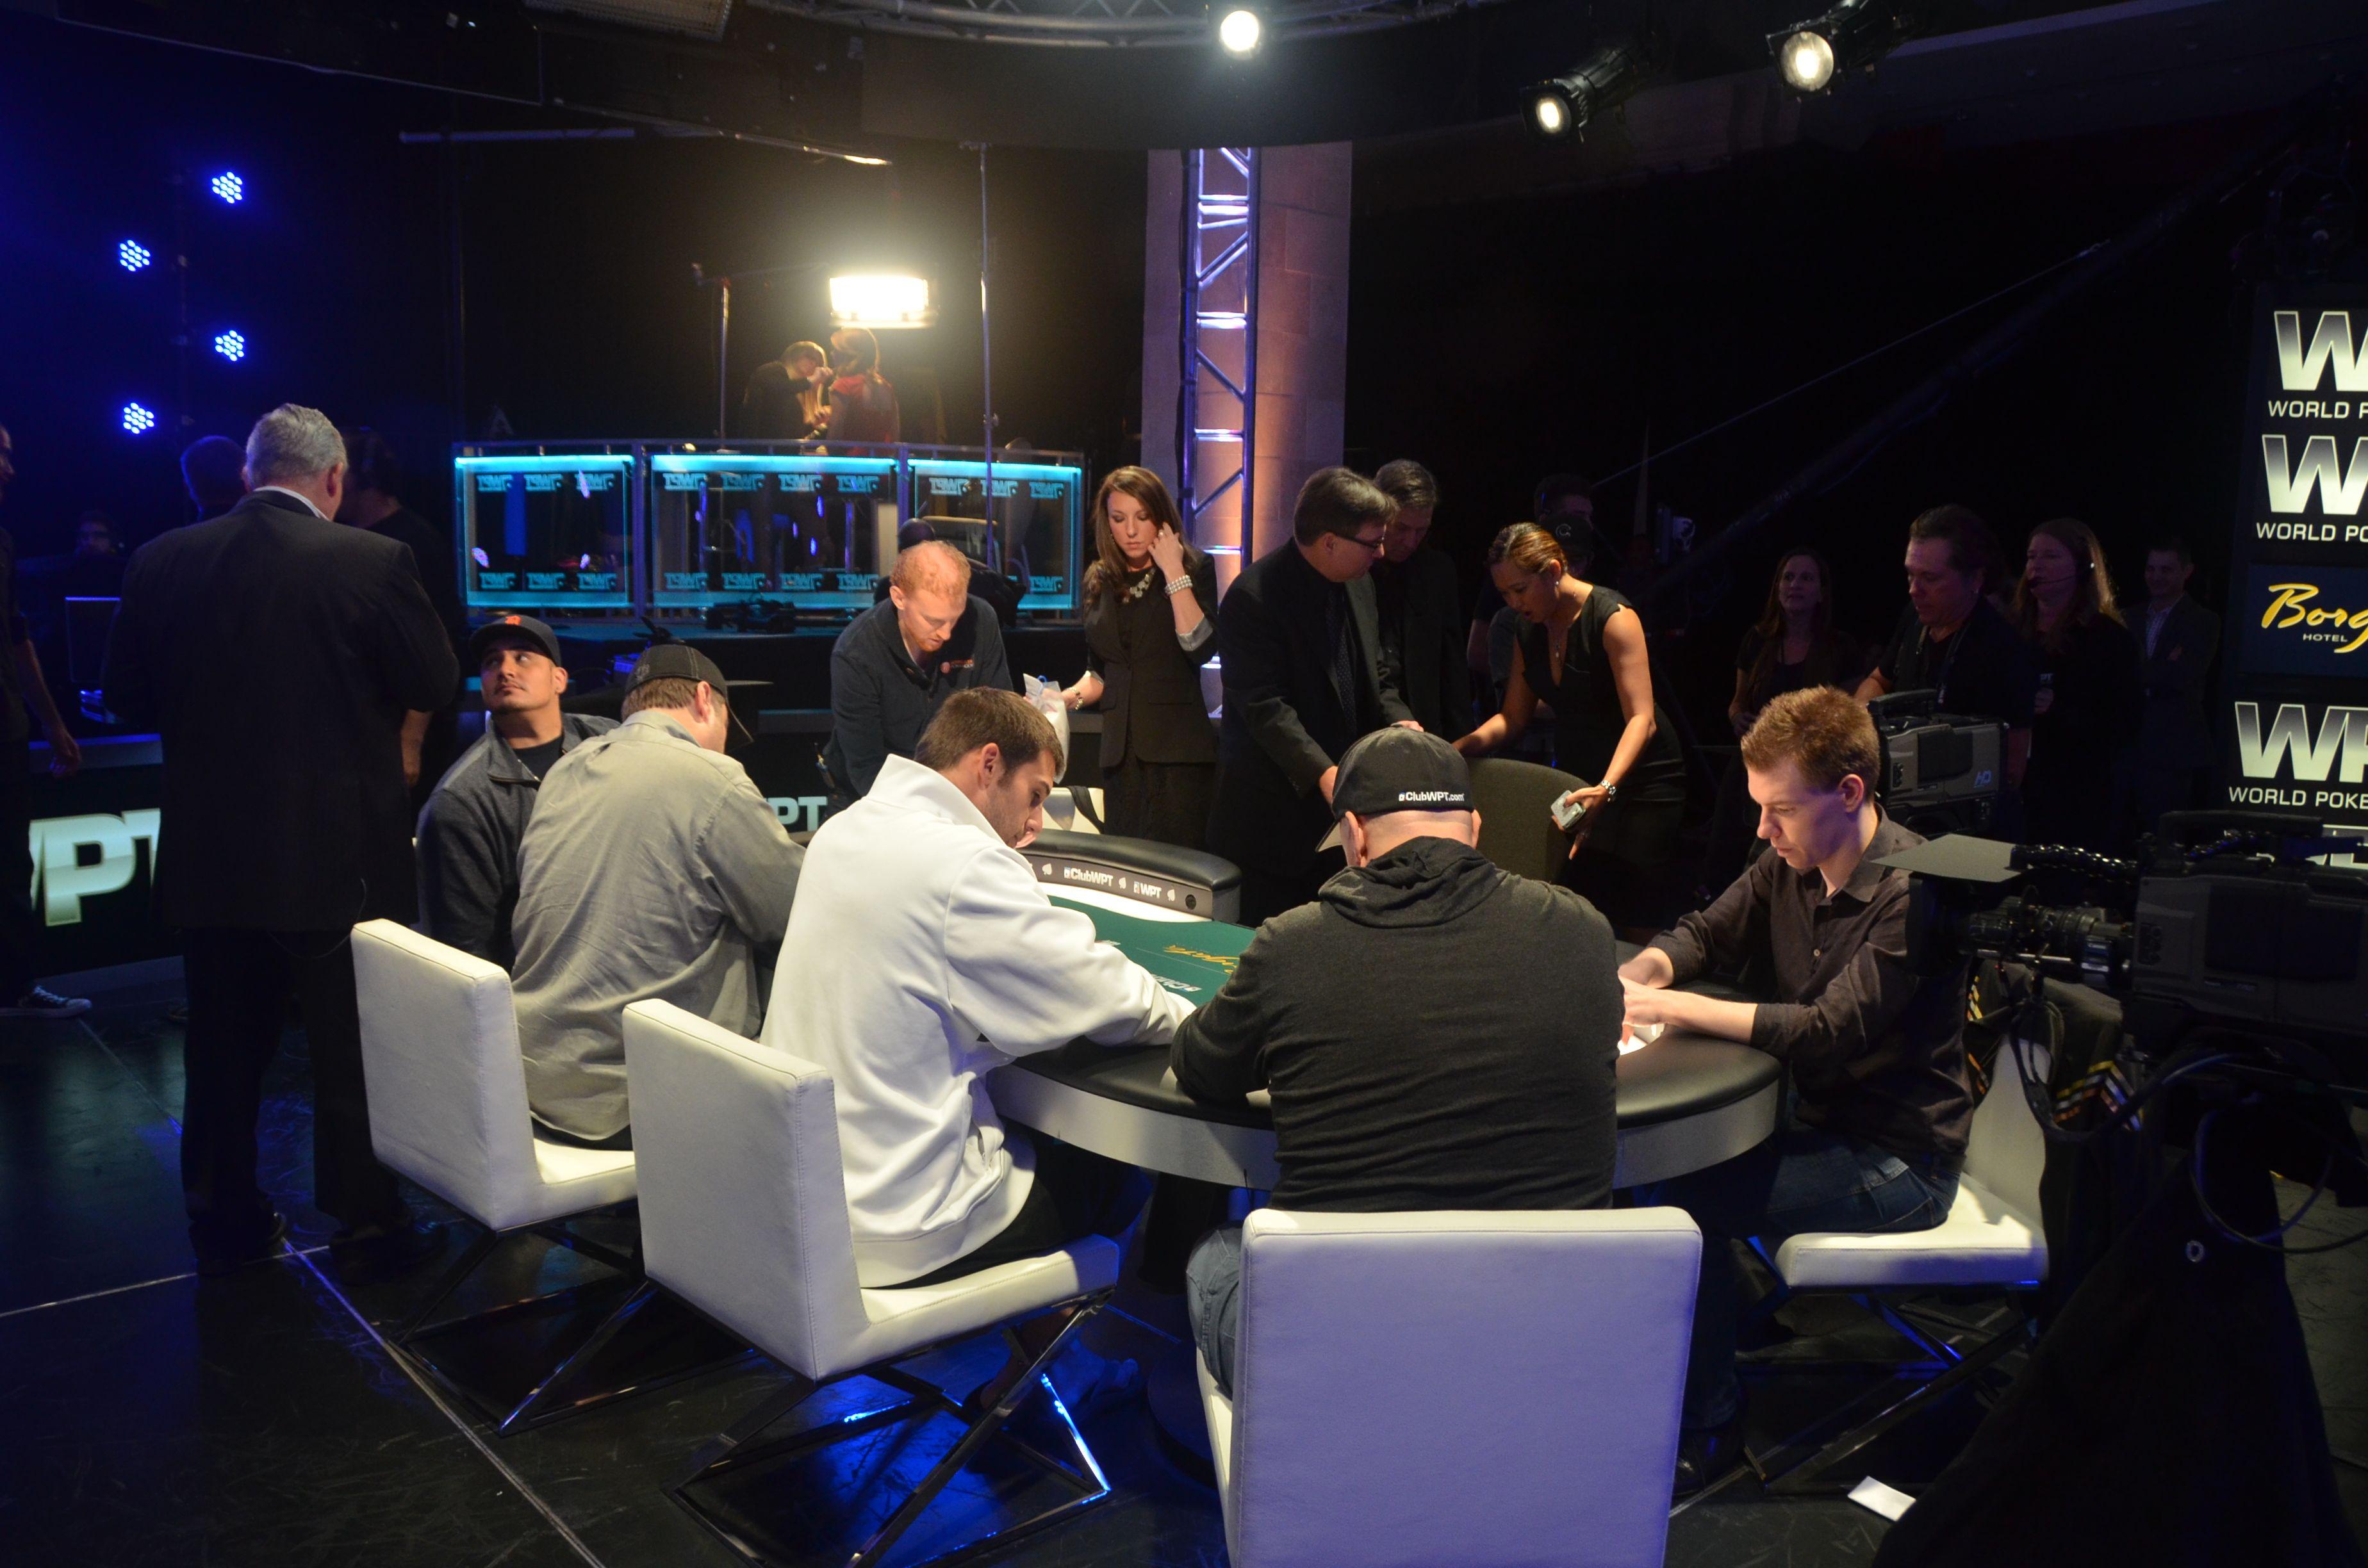 покере в финальный стол онлайн